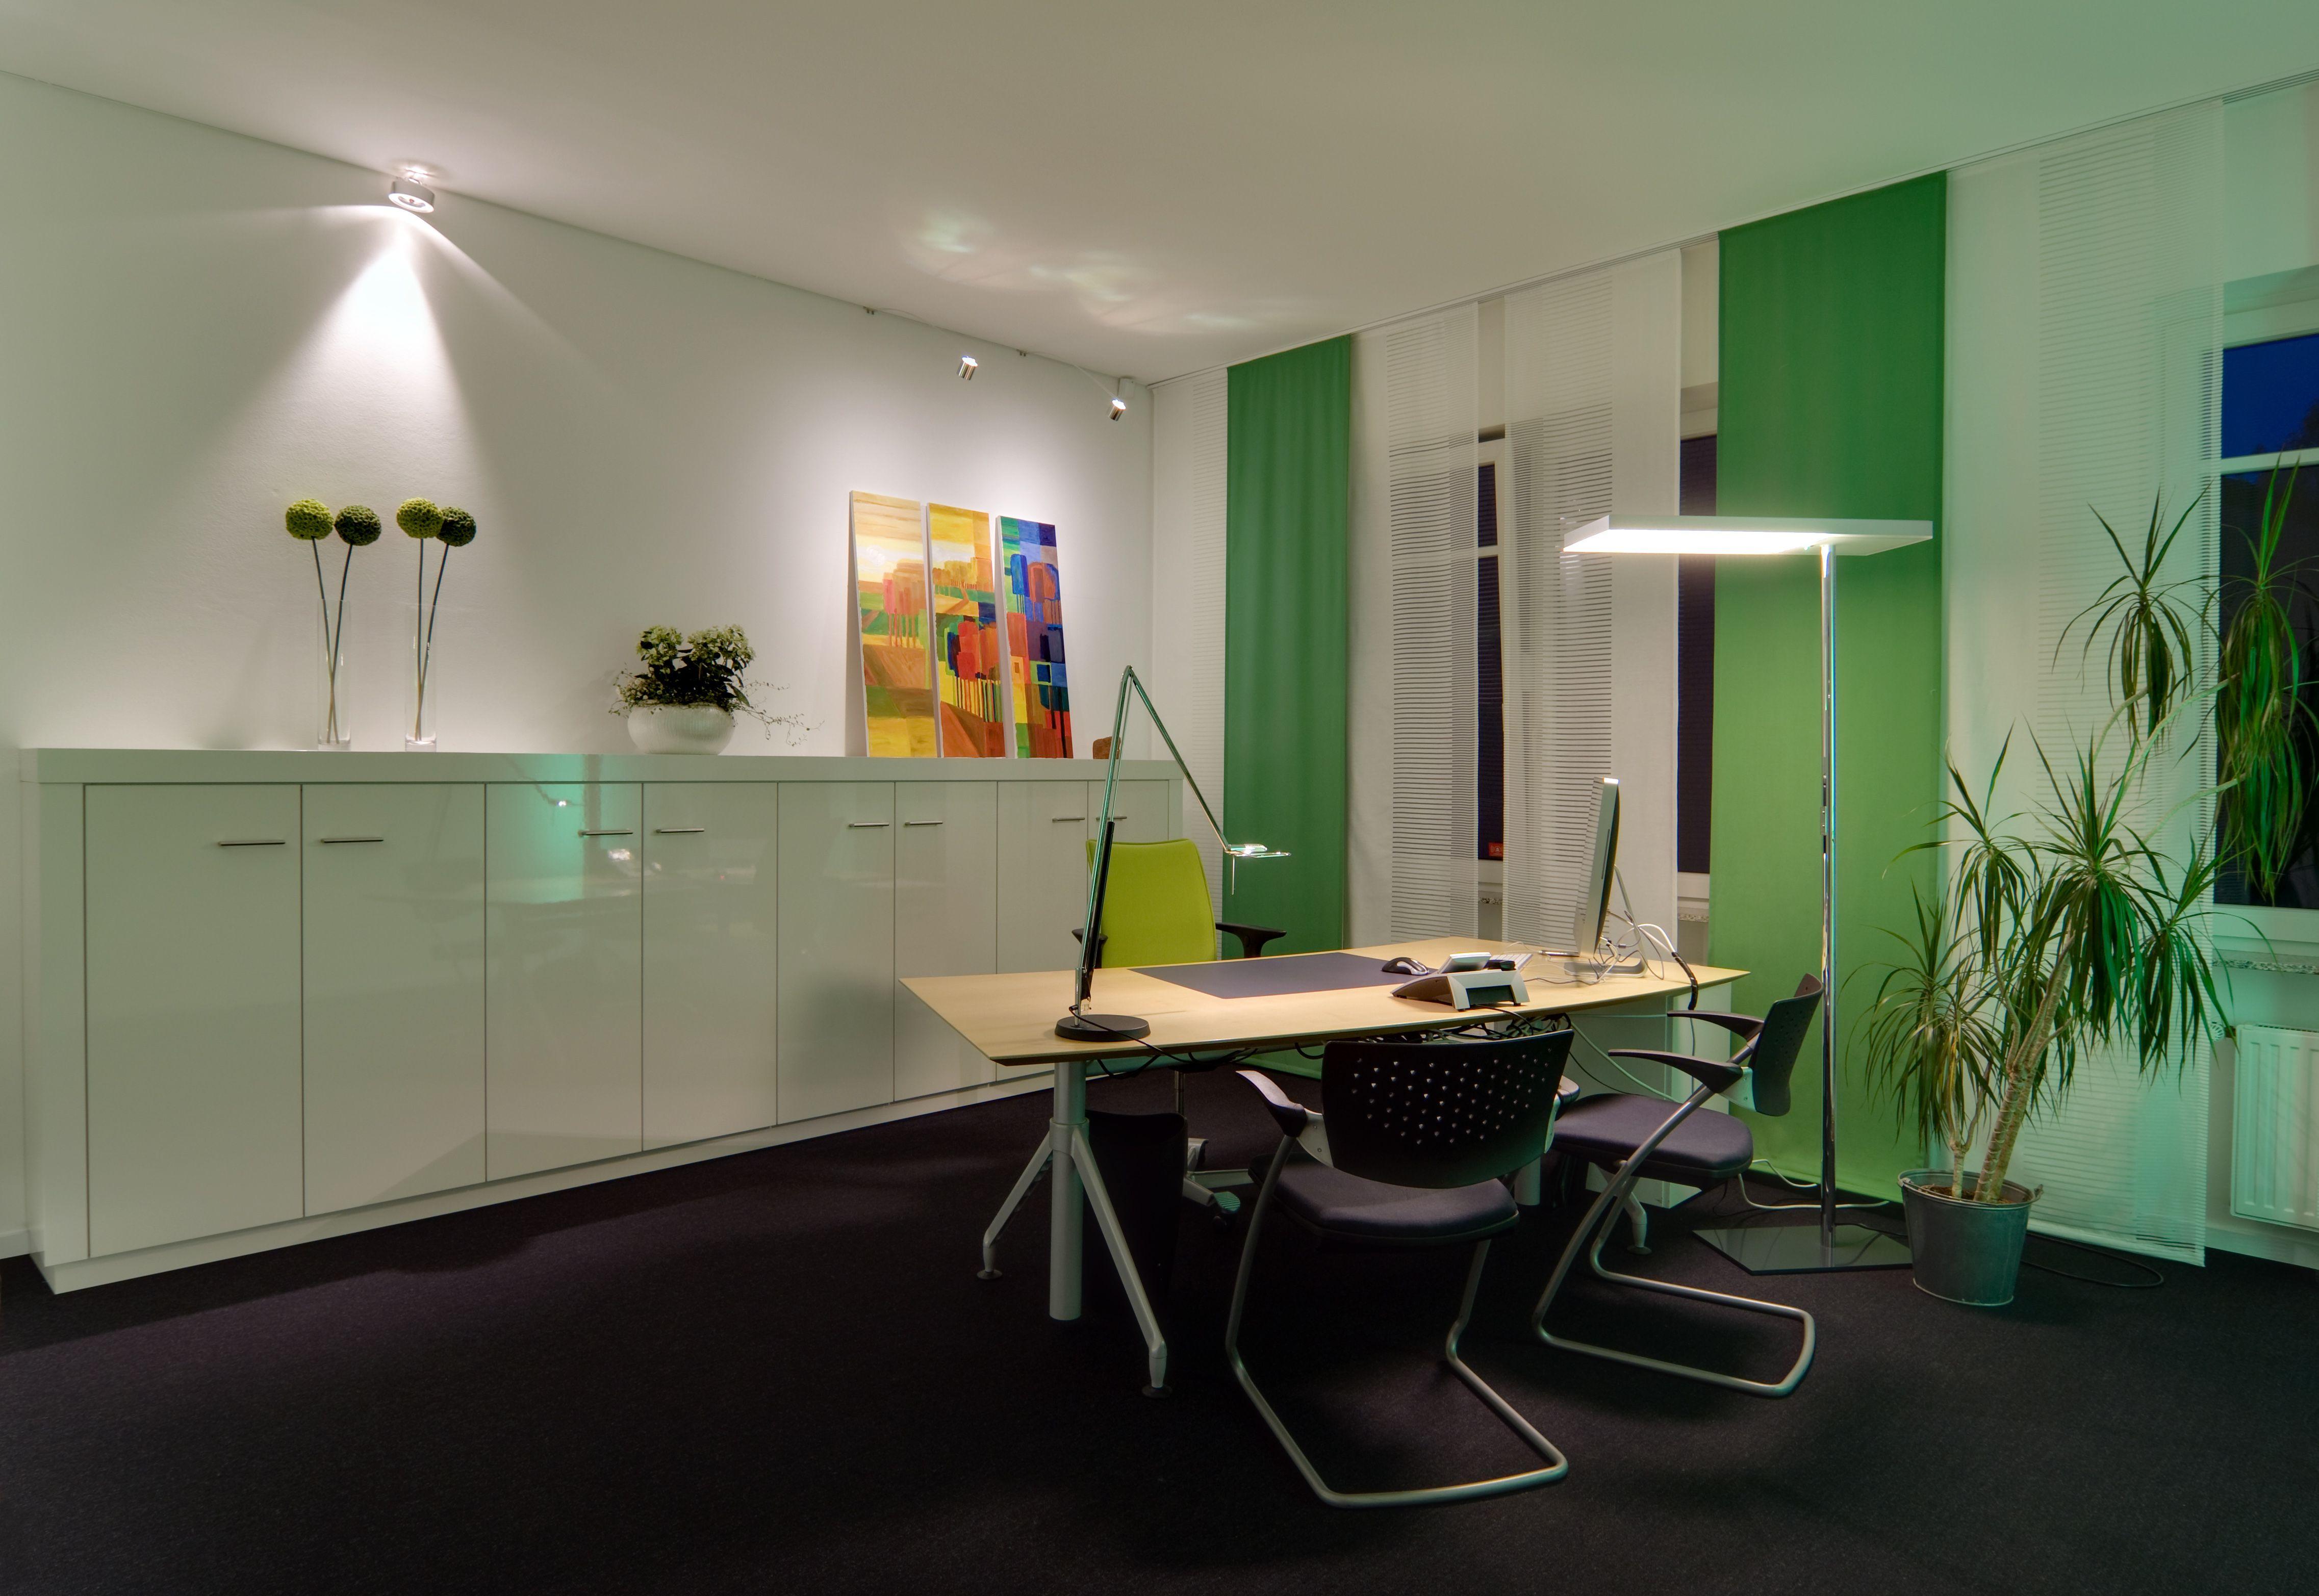 Licht Büro direktes und indirektes licht werden zu einem stimmigen lichtkonzept